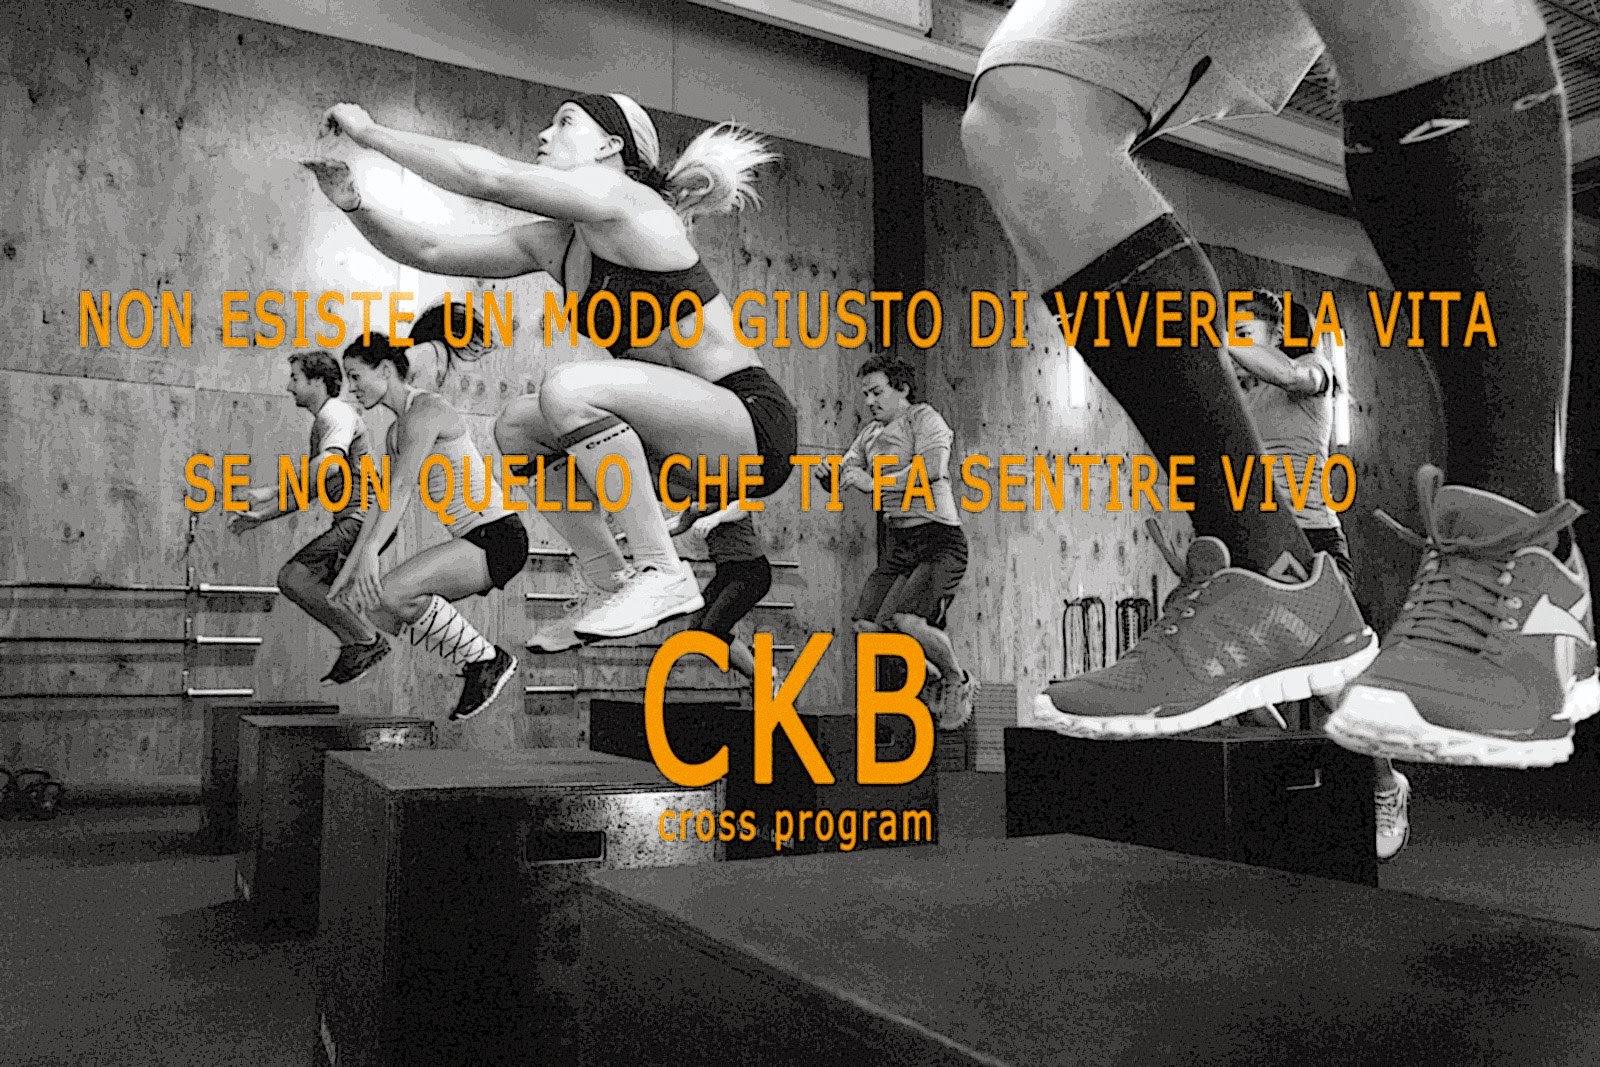 Super CrossFit CKB 'RomaNord' JM53